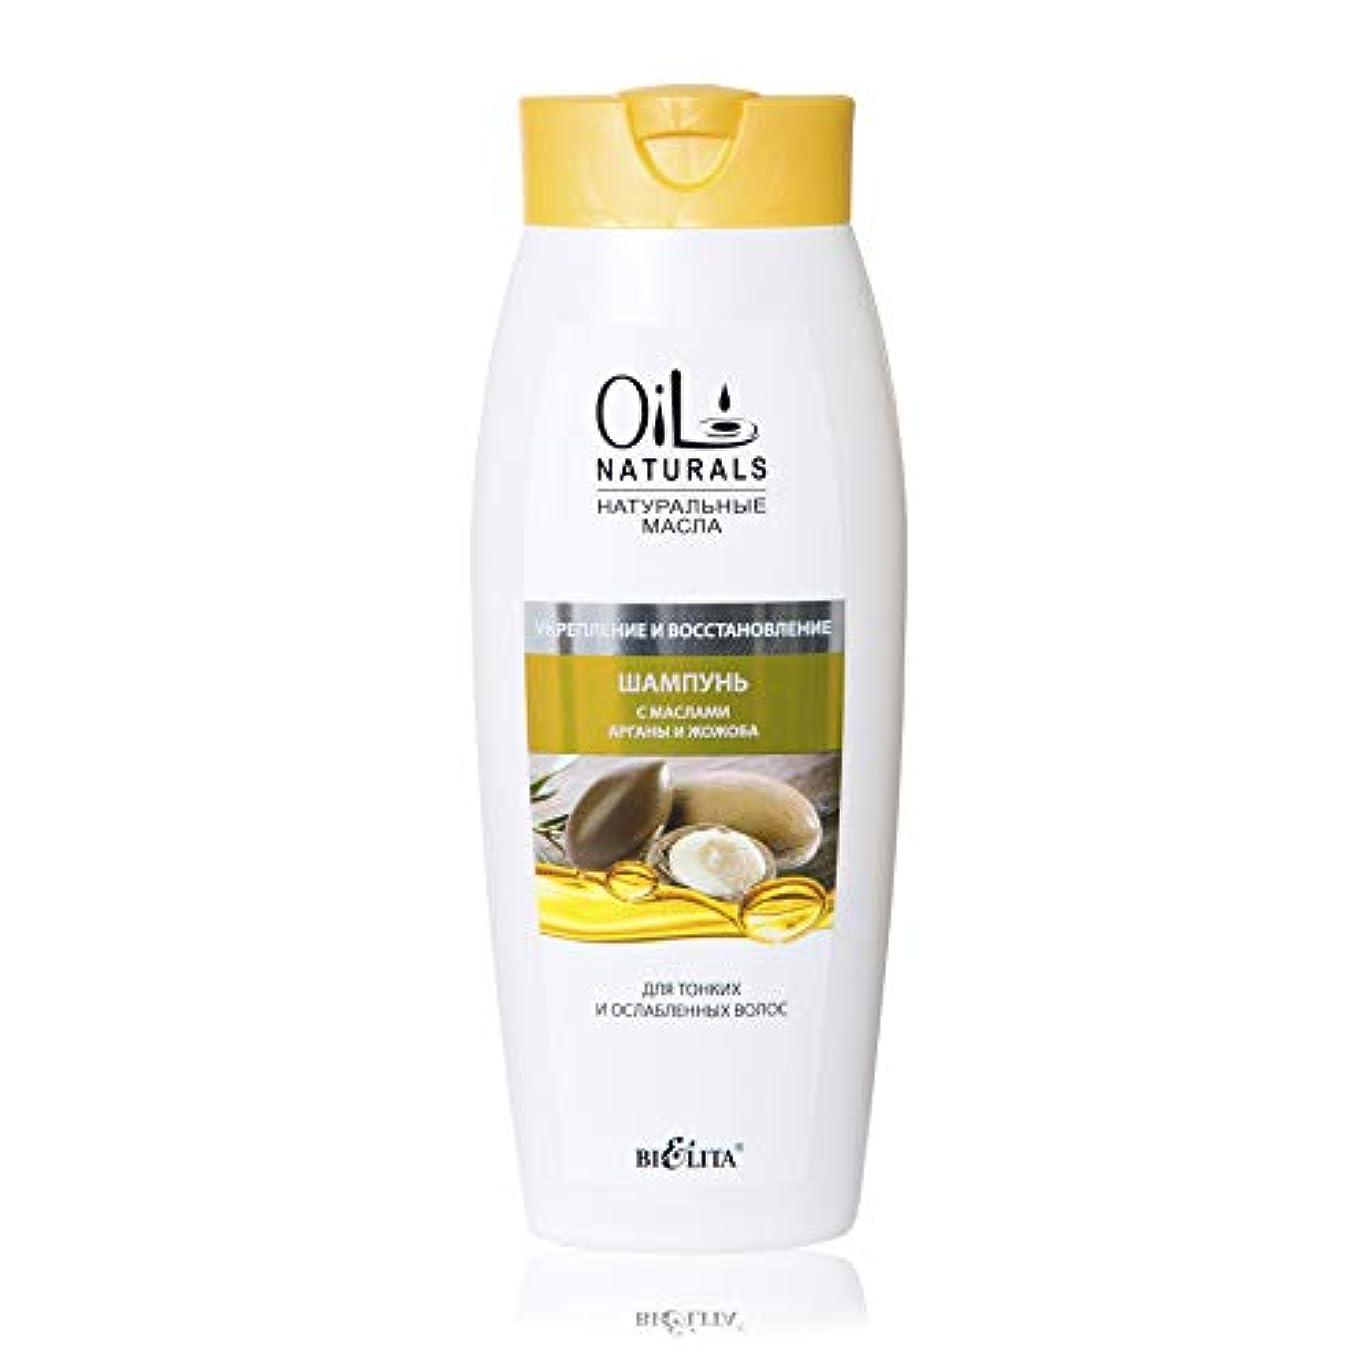 暖炉活性化全員Bielita & Vitex Oil Naturals Line | Strengthening & Restoring Shampoo for Thin Hair, 430 ml | Argan Oil, Silk...